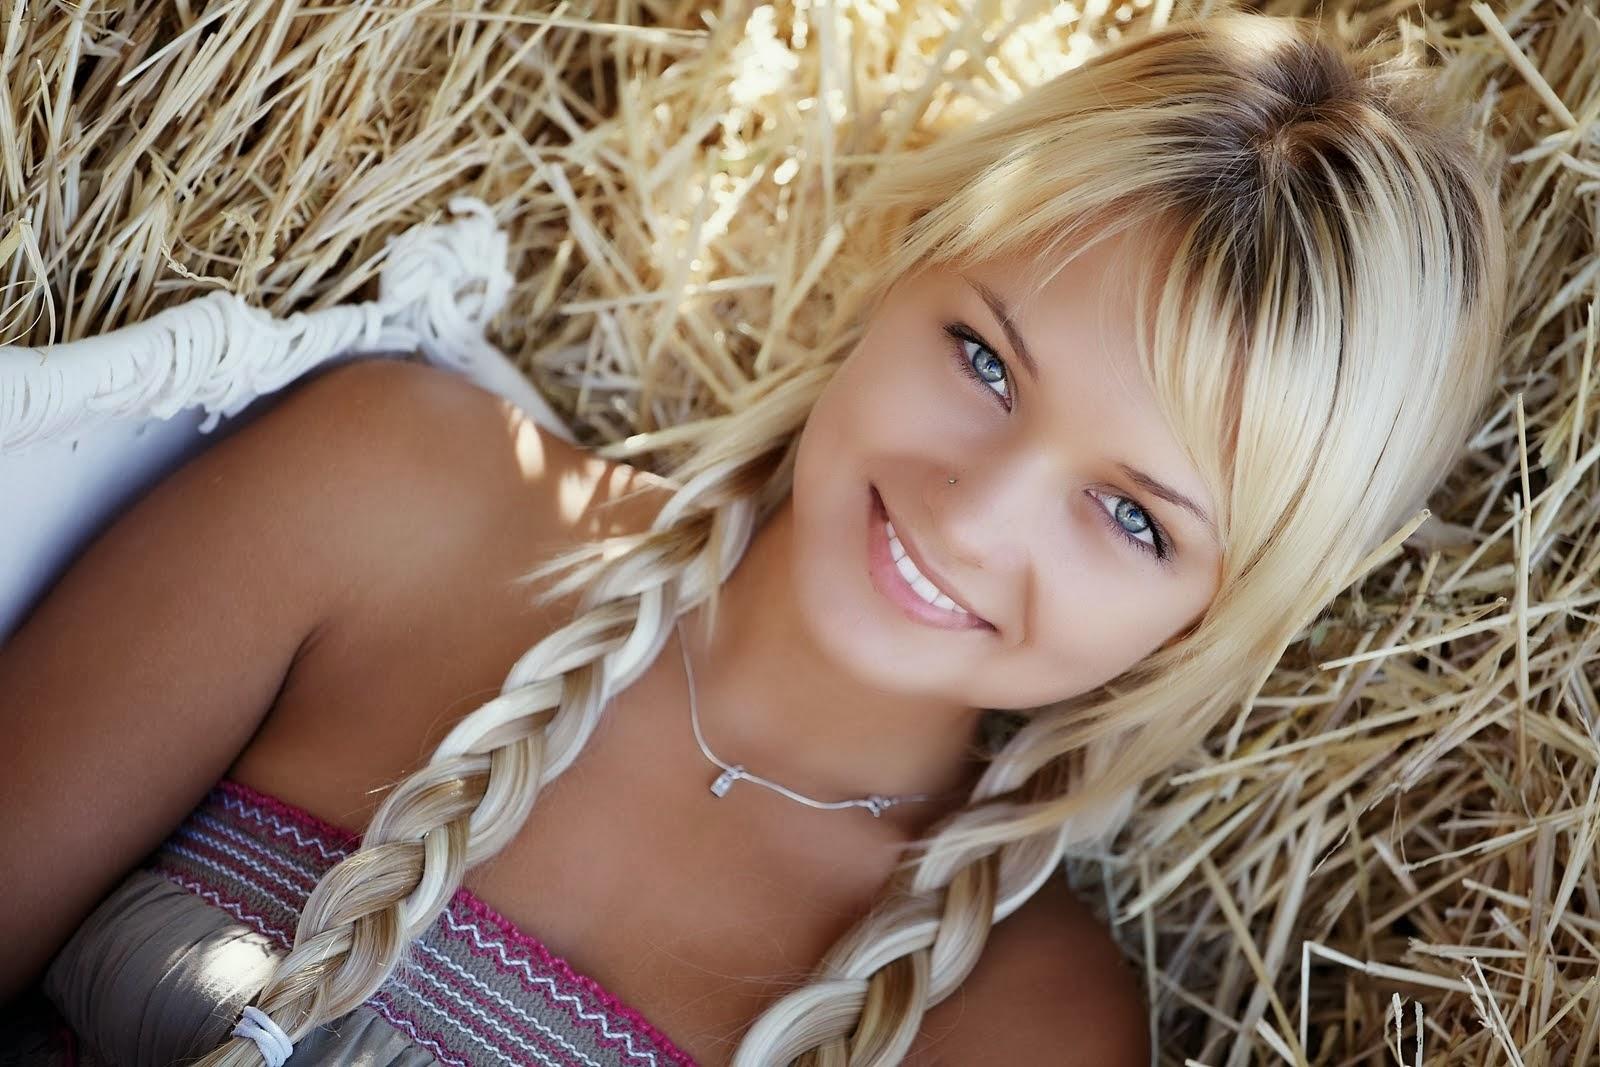 صور بنات اجانب مزز صور بنات اجانب مثيرة صور بنات اجانب روشة صور بنات اجانب